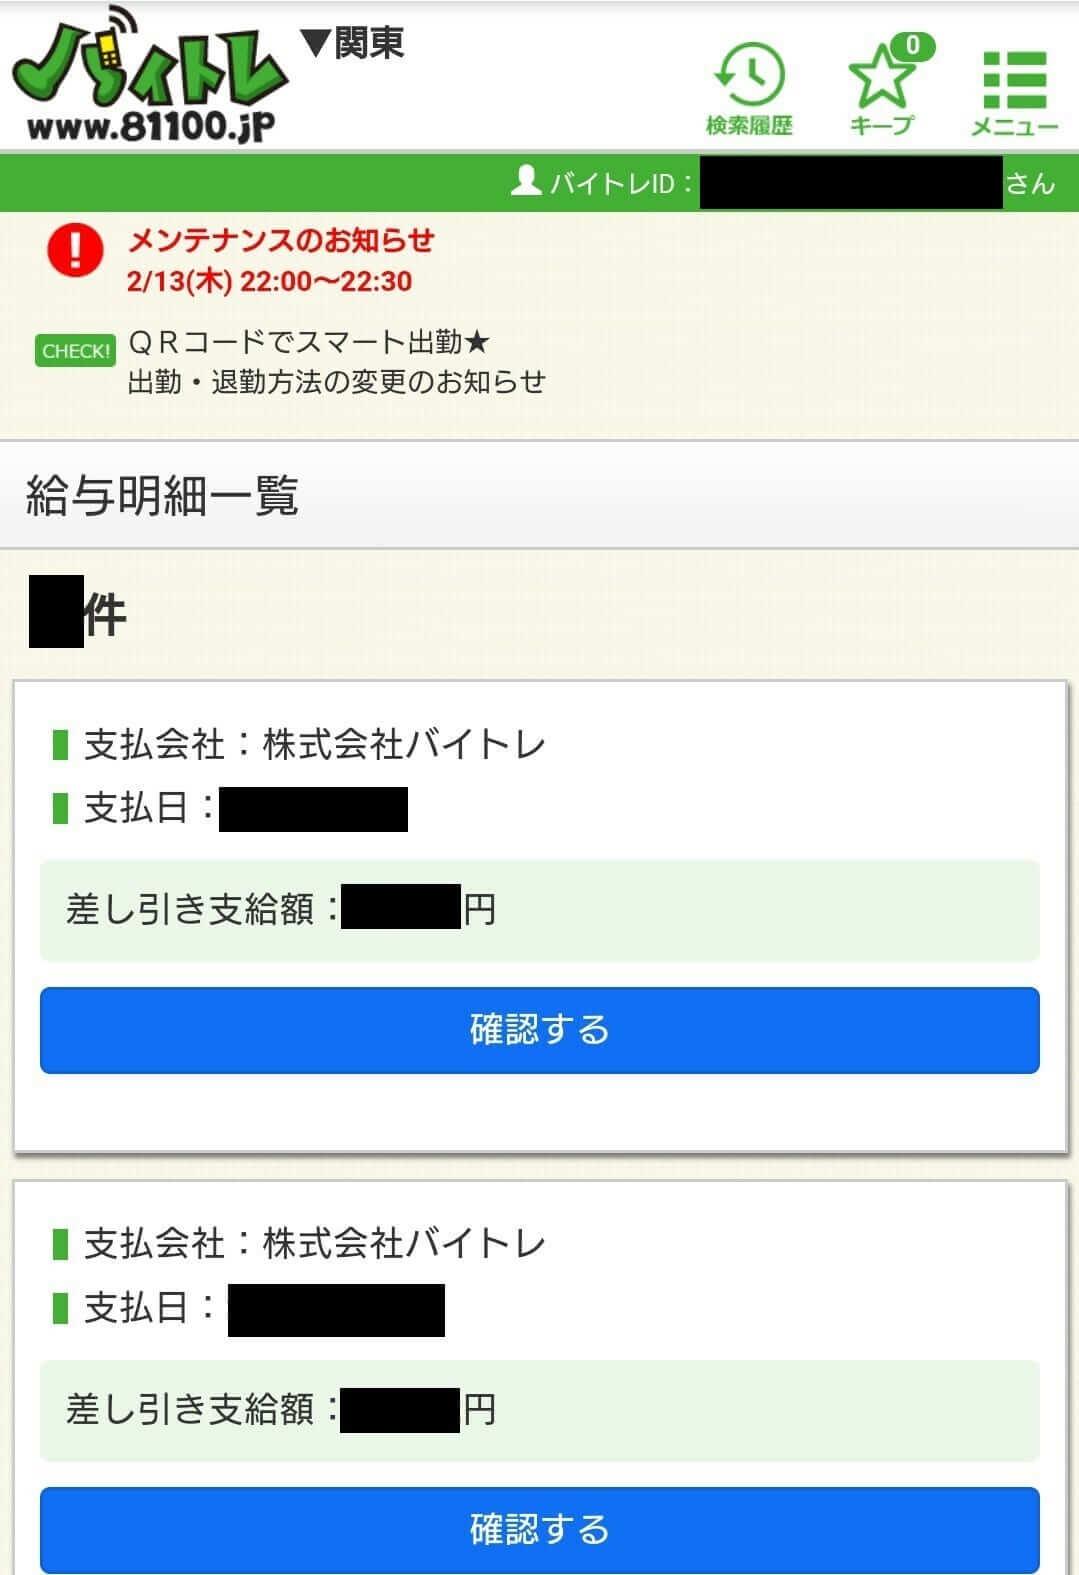 株式会社バイトレ関東